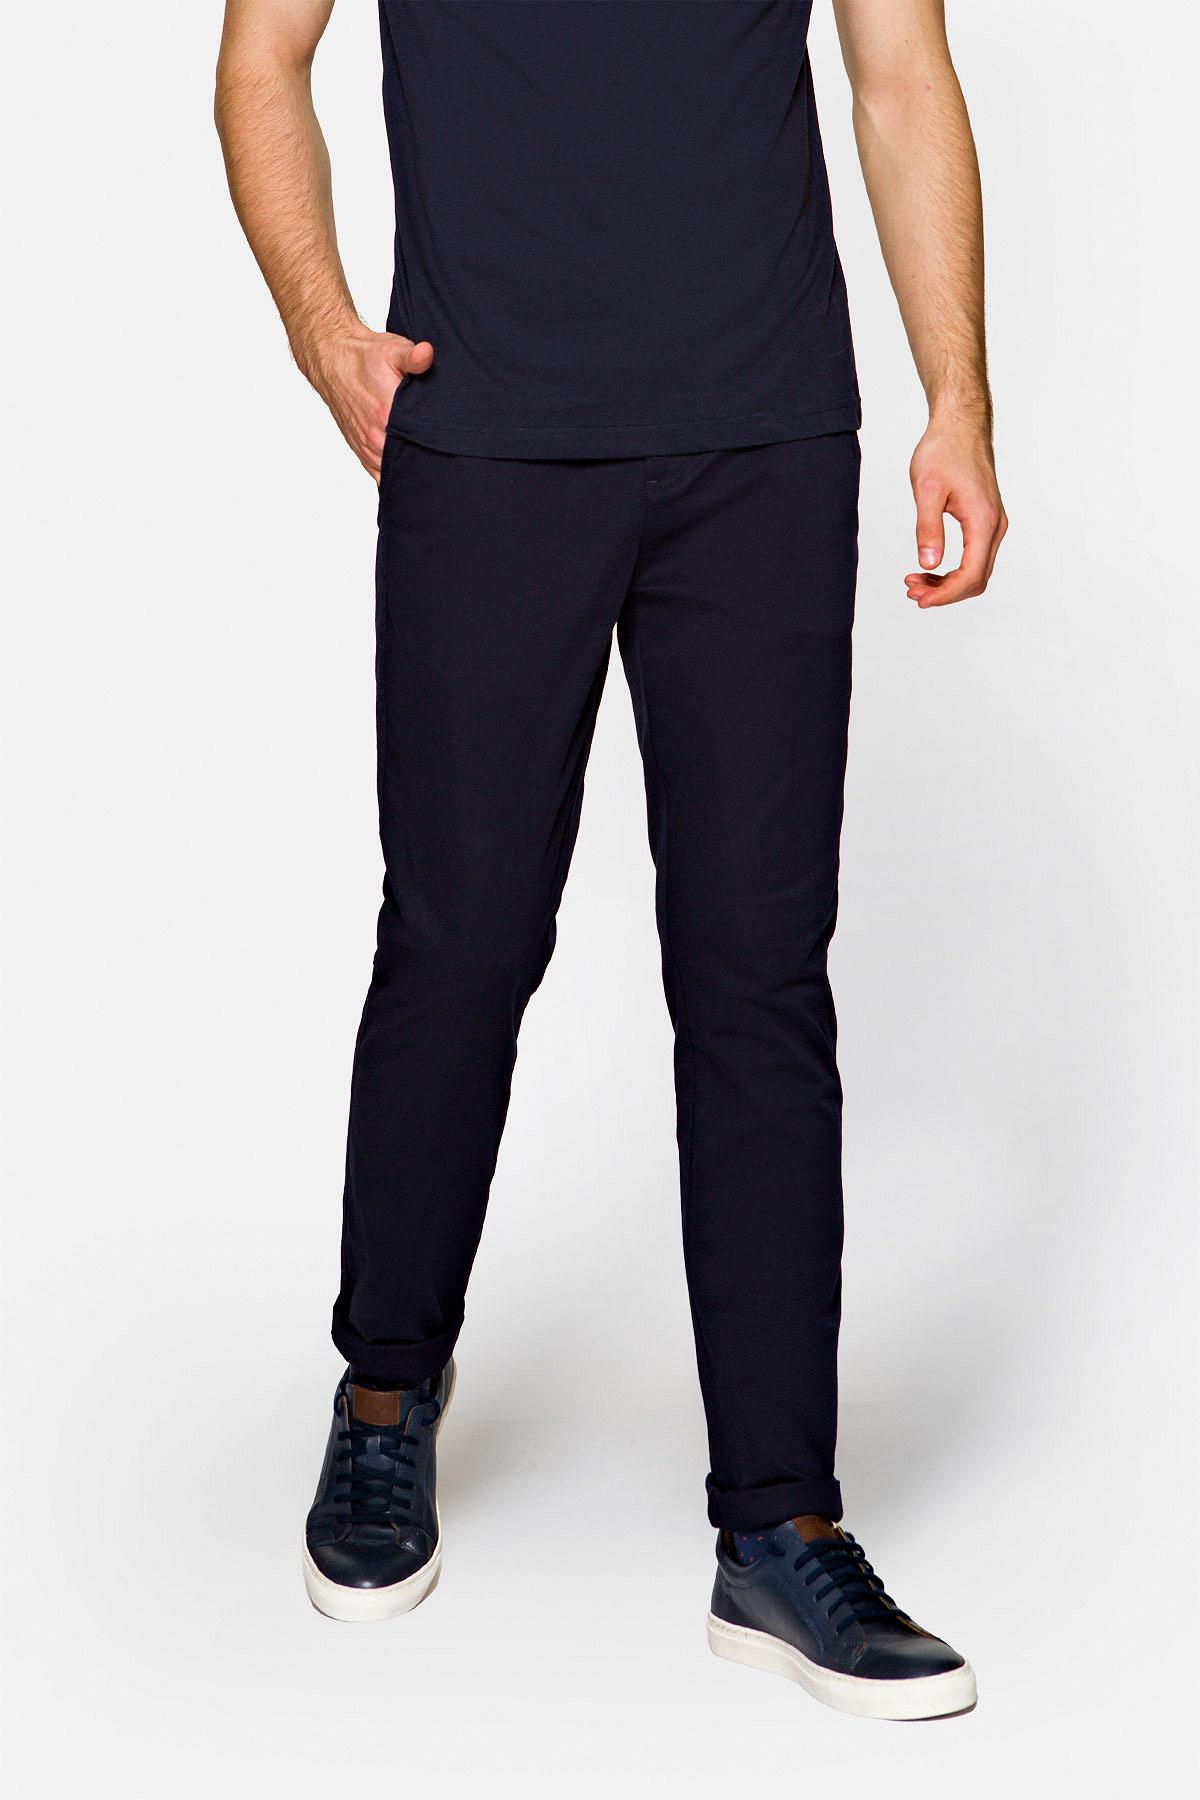 Spodnie Chino Nestor Granatowe rozmiar W30/L32; W31/L32; W32/L32; W33/L32; W34/L32; W35/L32; W36/L32; W38/L32; W40/L32; W42/L32